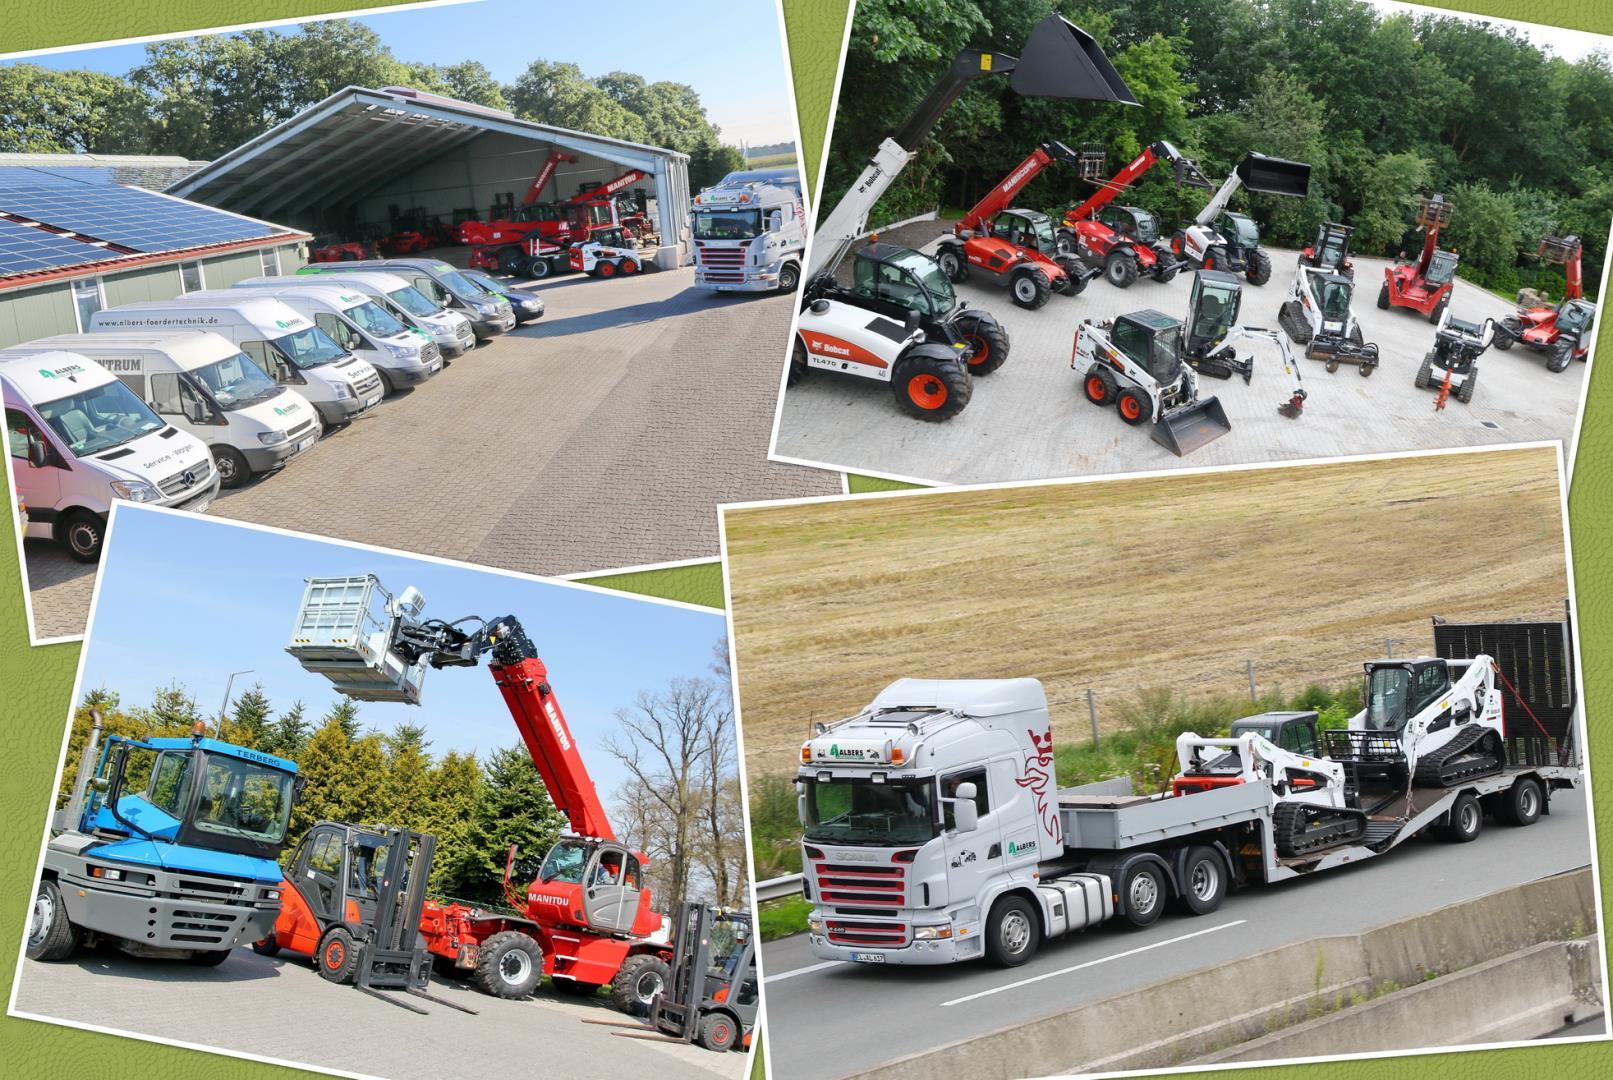 Linde-E 25 HL - 01 600-Elektro 4 Rad-Stapler-http://www.heftruckcentrumemmen.nl